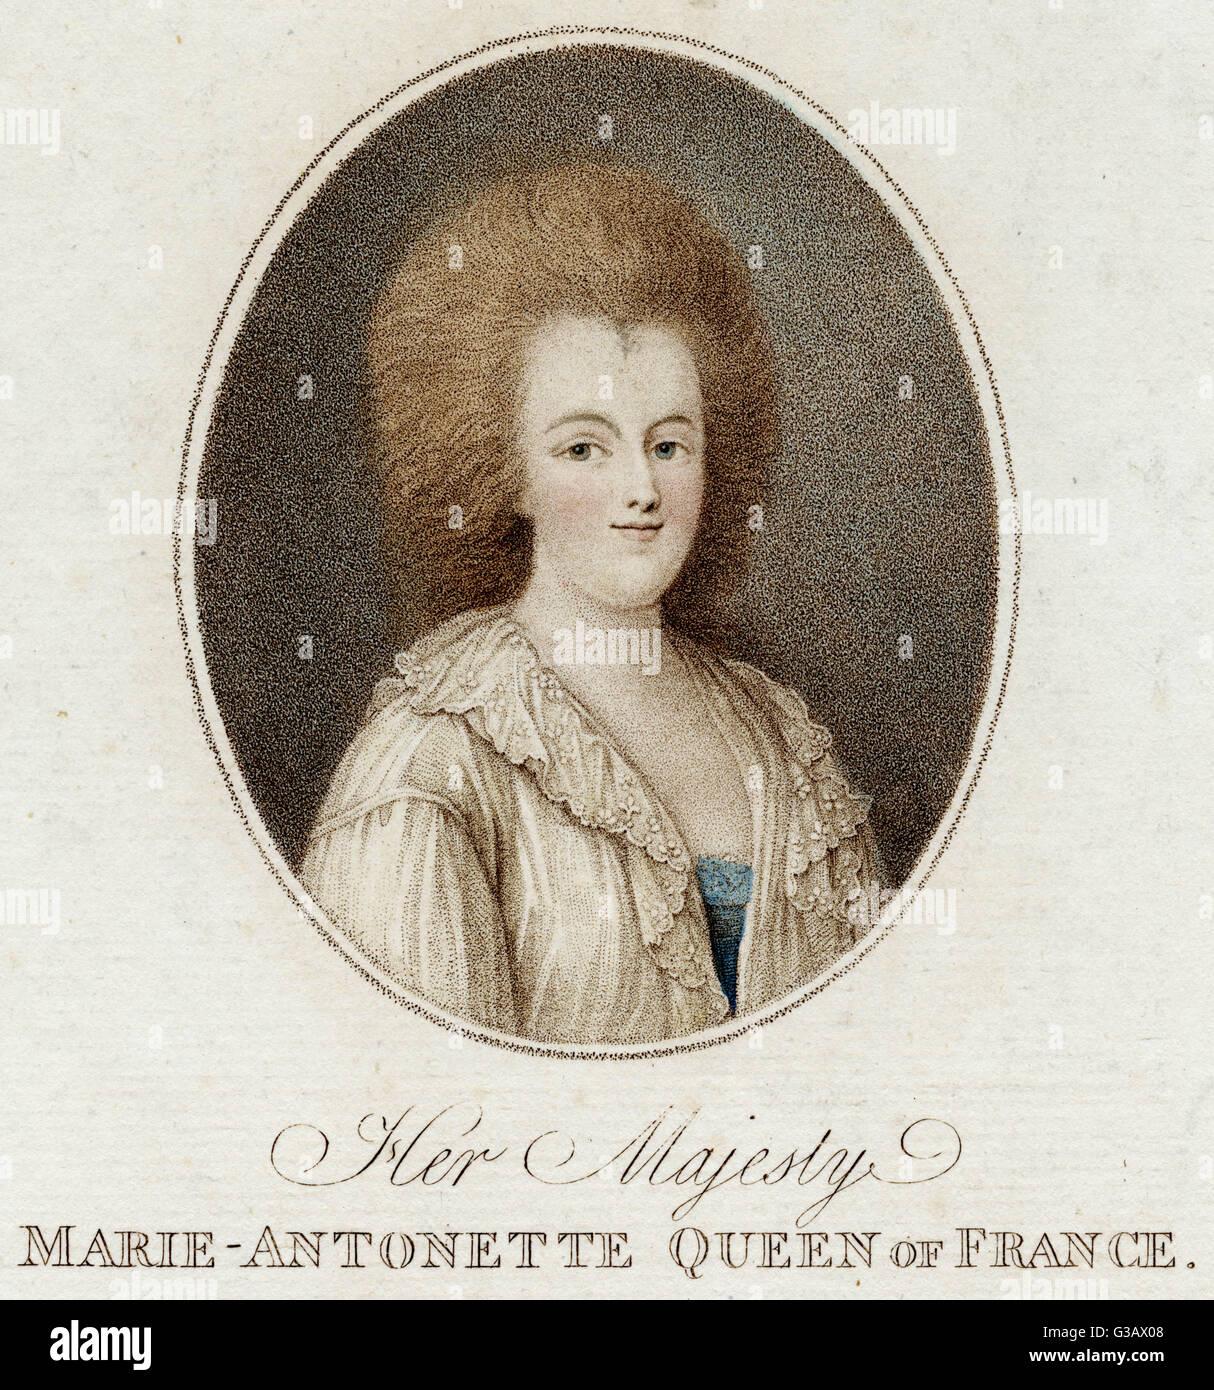 Queen of Louis XVI          Date: 1755 - 1793 - Stock Image